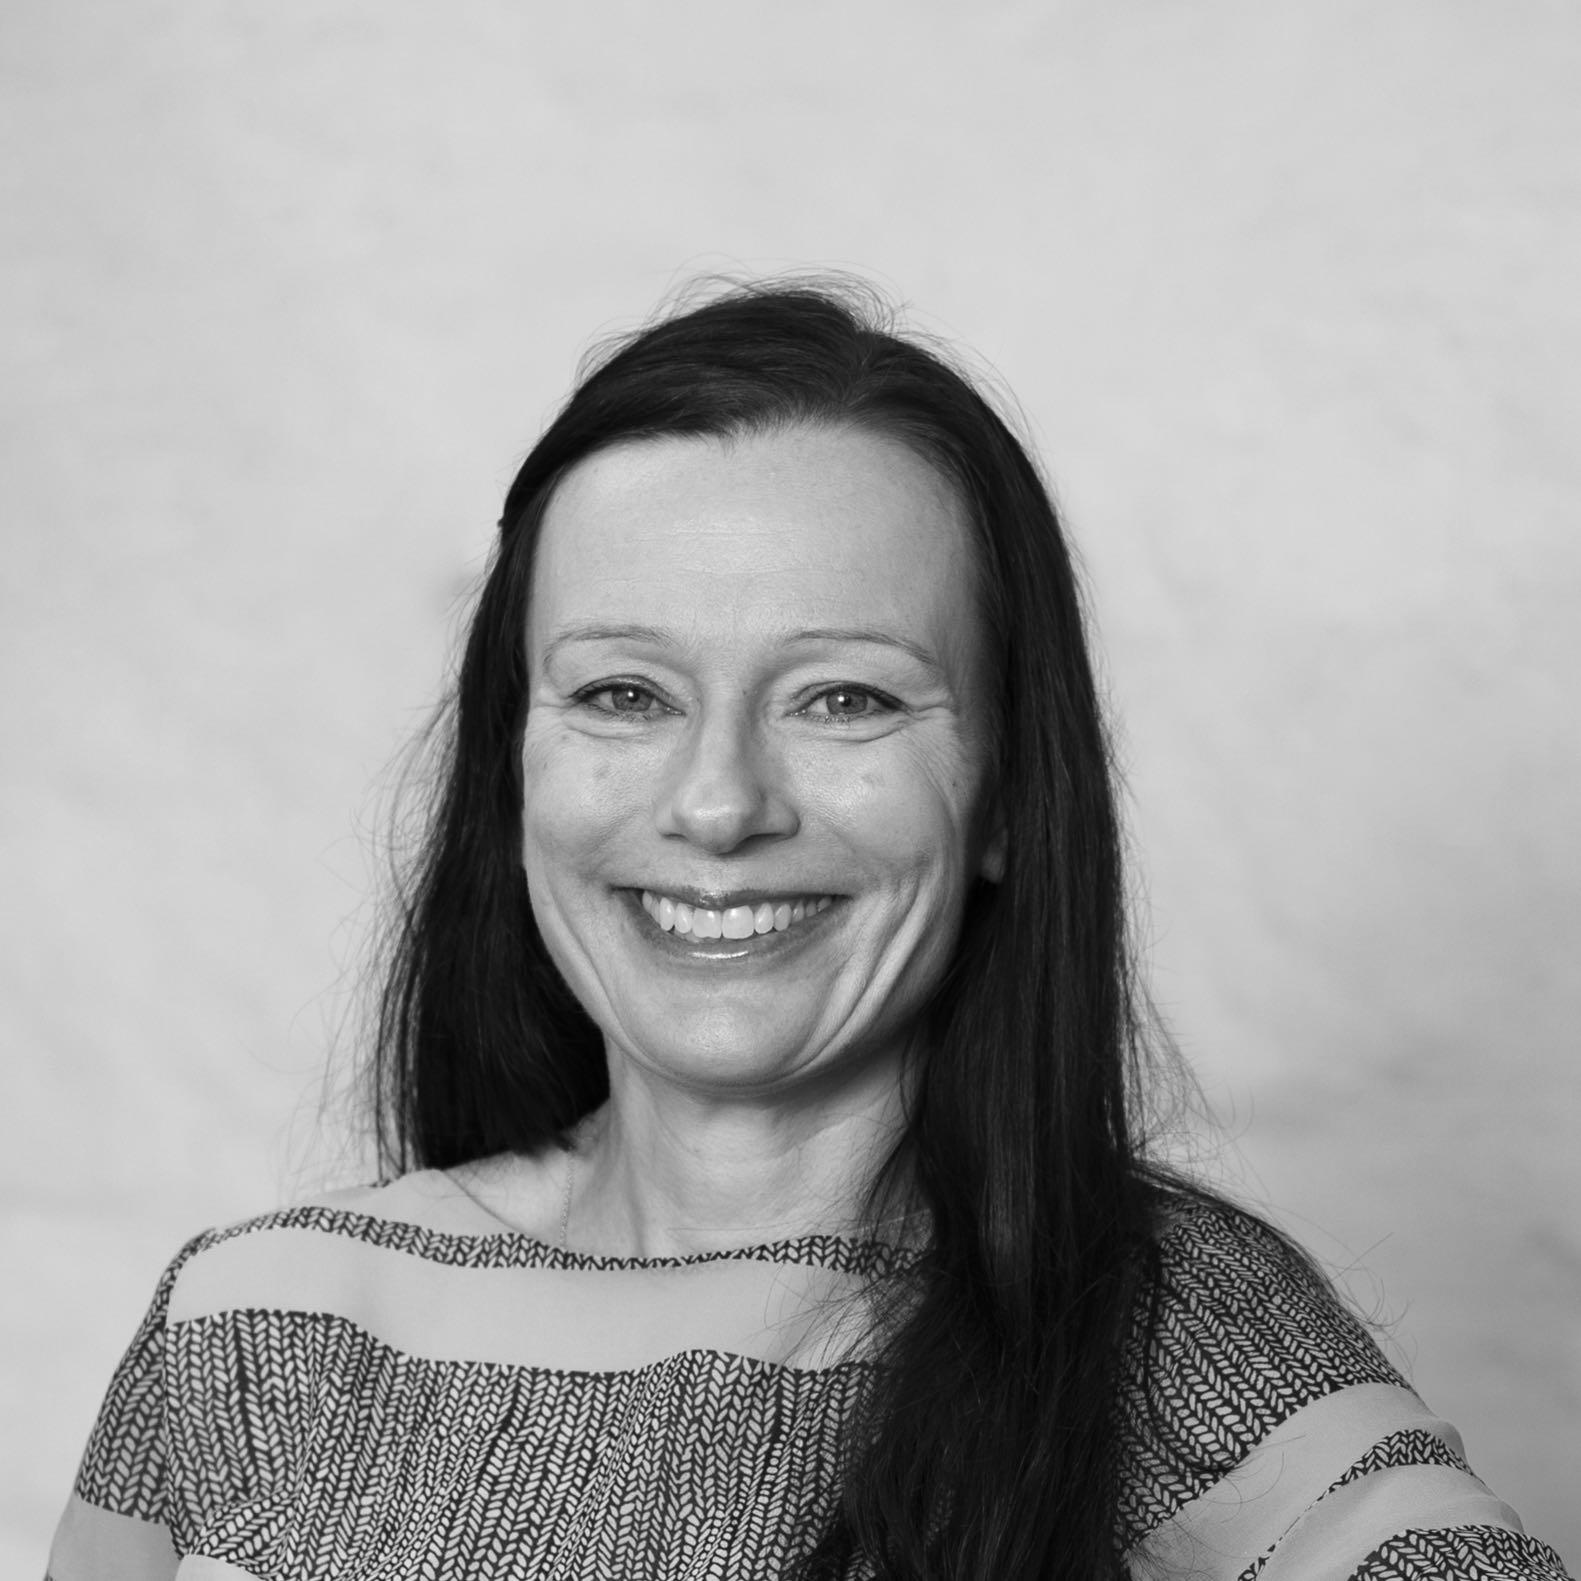 Portrait of Anita Hallenstvedt